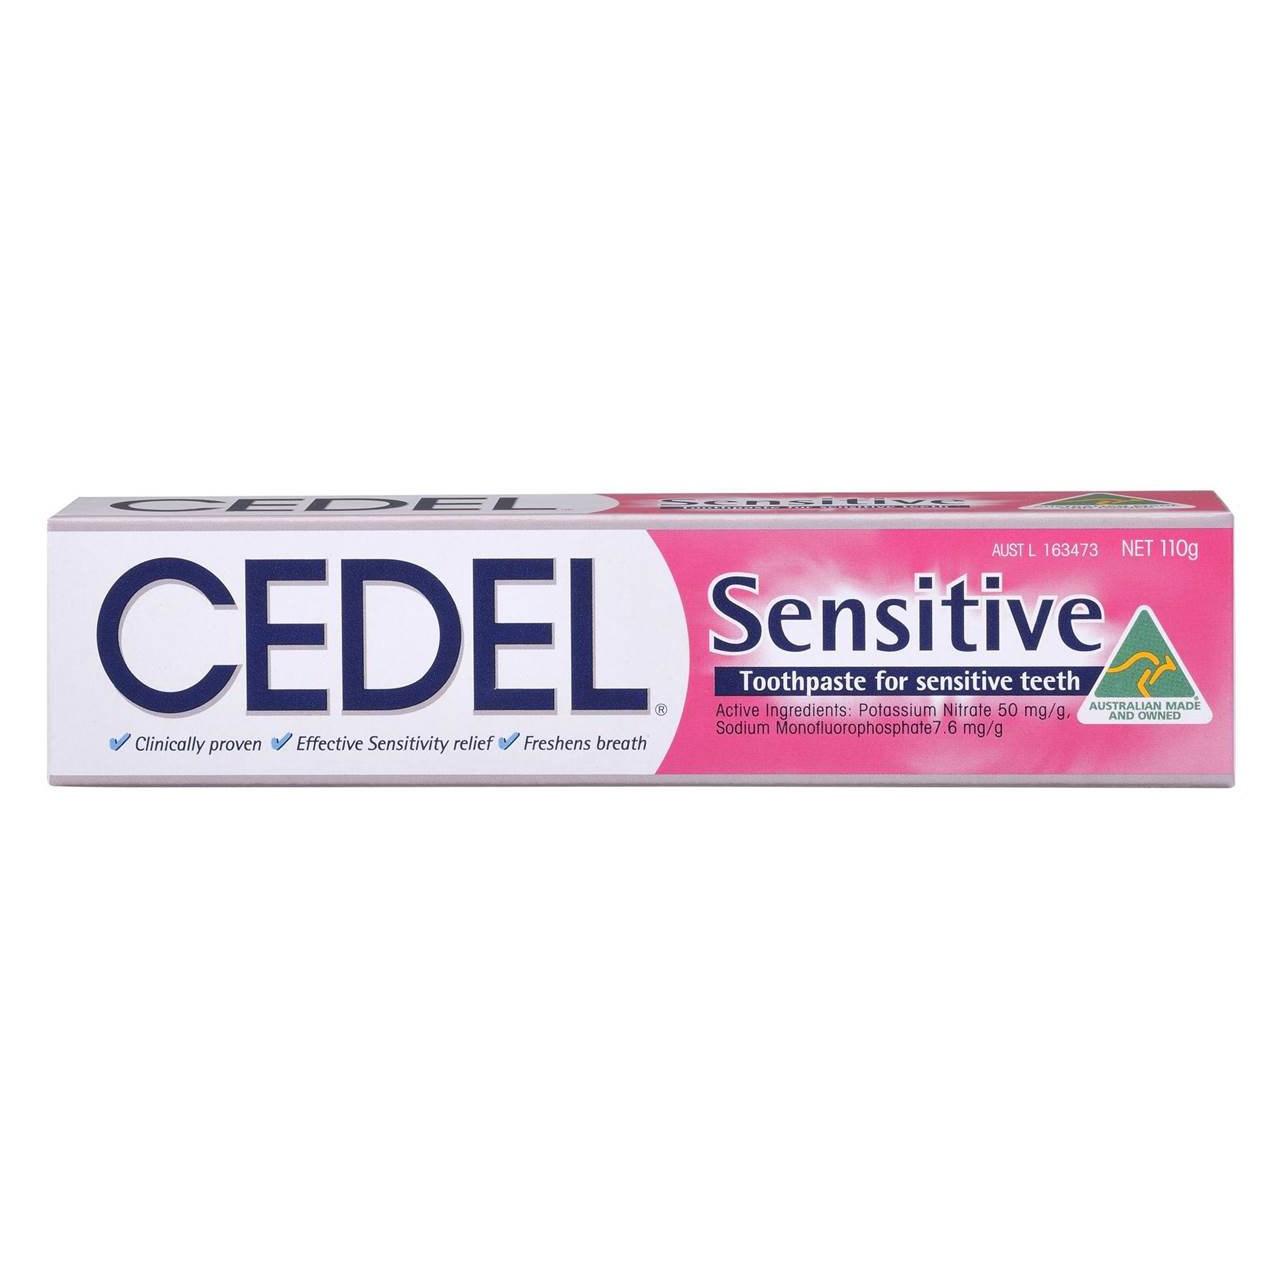 قیمت خمیر دندان سیدل مدل Sensitive Fluoride حجم 110 میلی لیتر